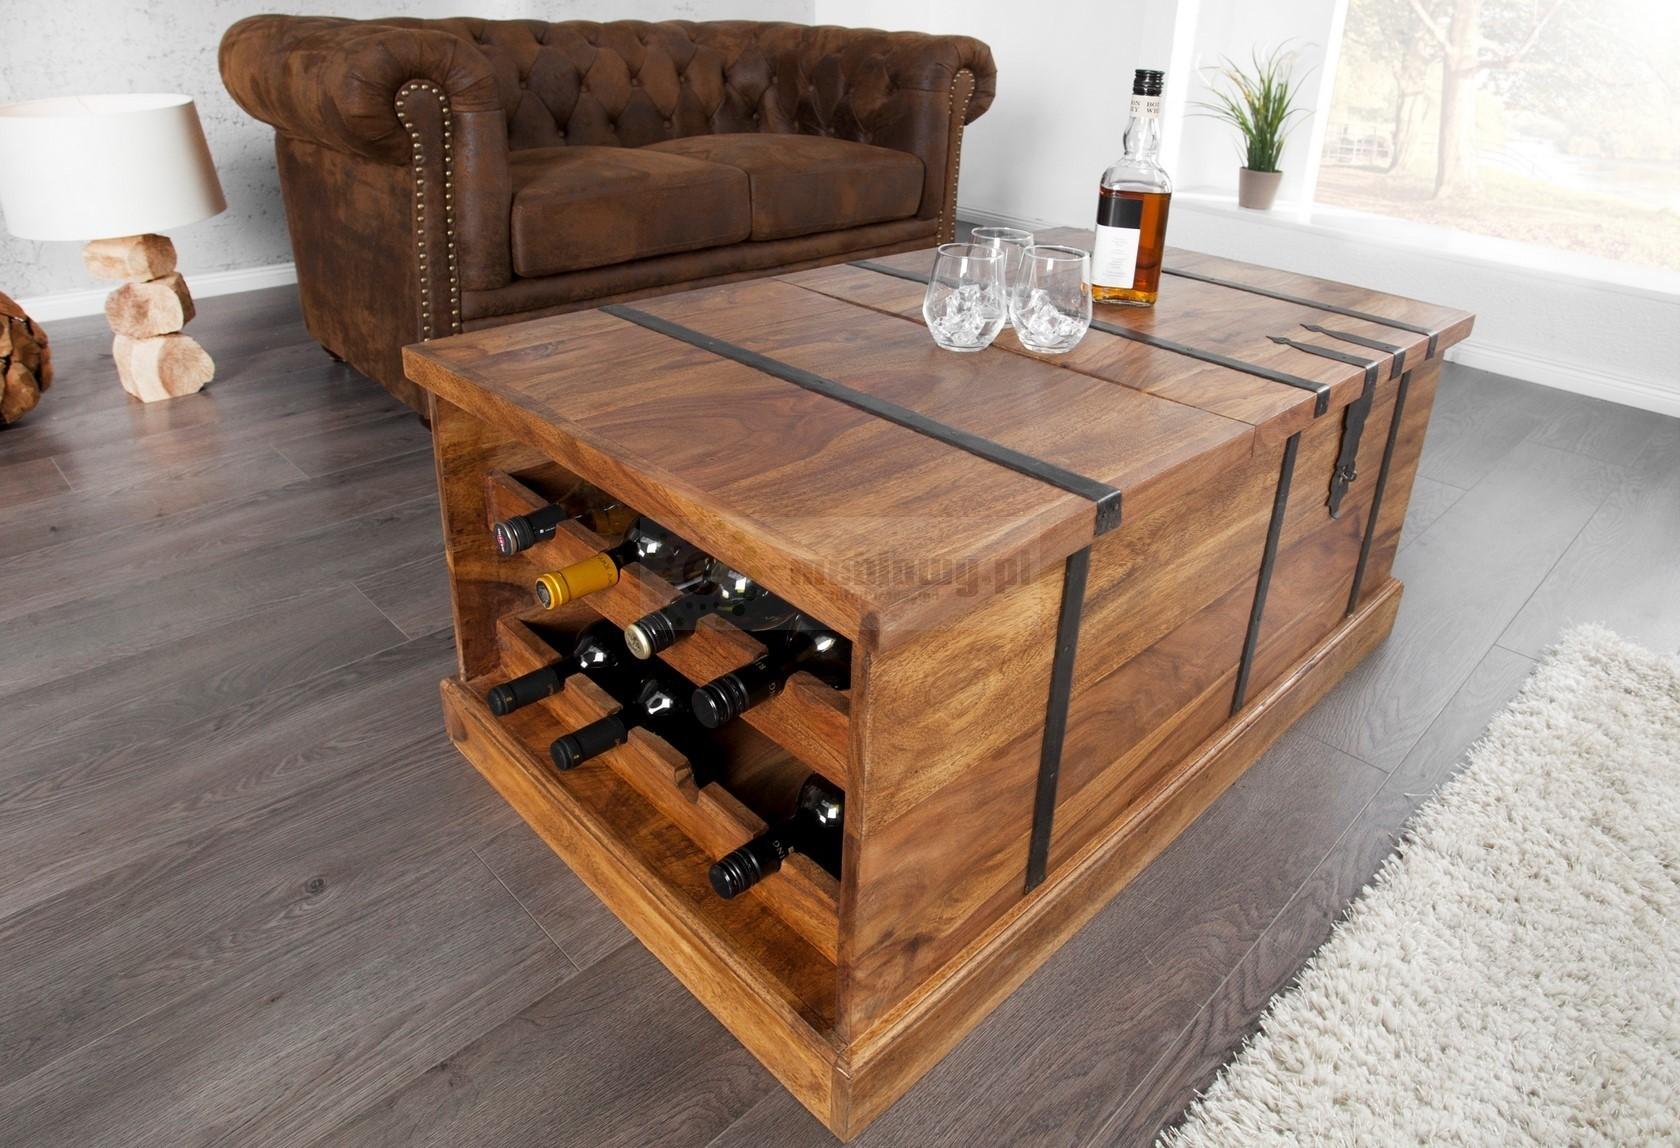 drewniany stolik kawowy box drewniana awa drewniany barek do salonu. Black Bedroom Furniture Sets. Home Design Ideas